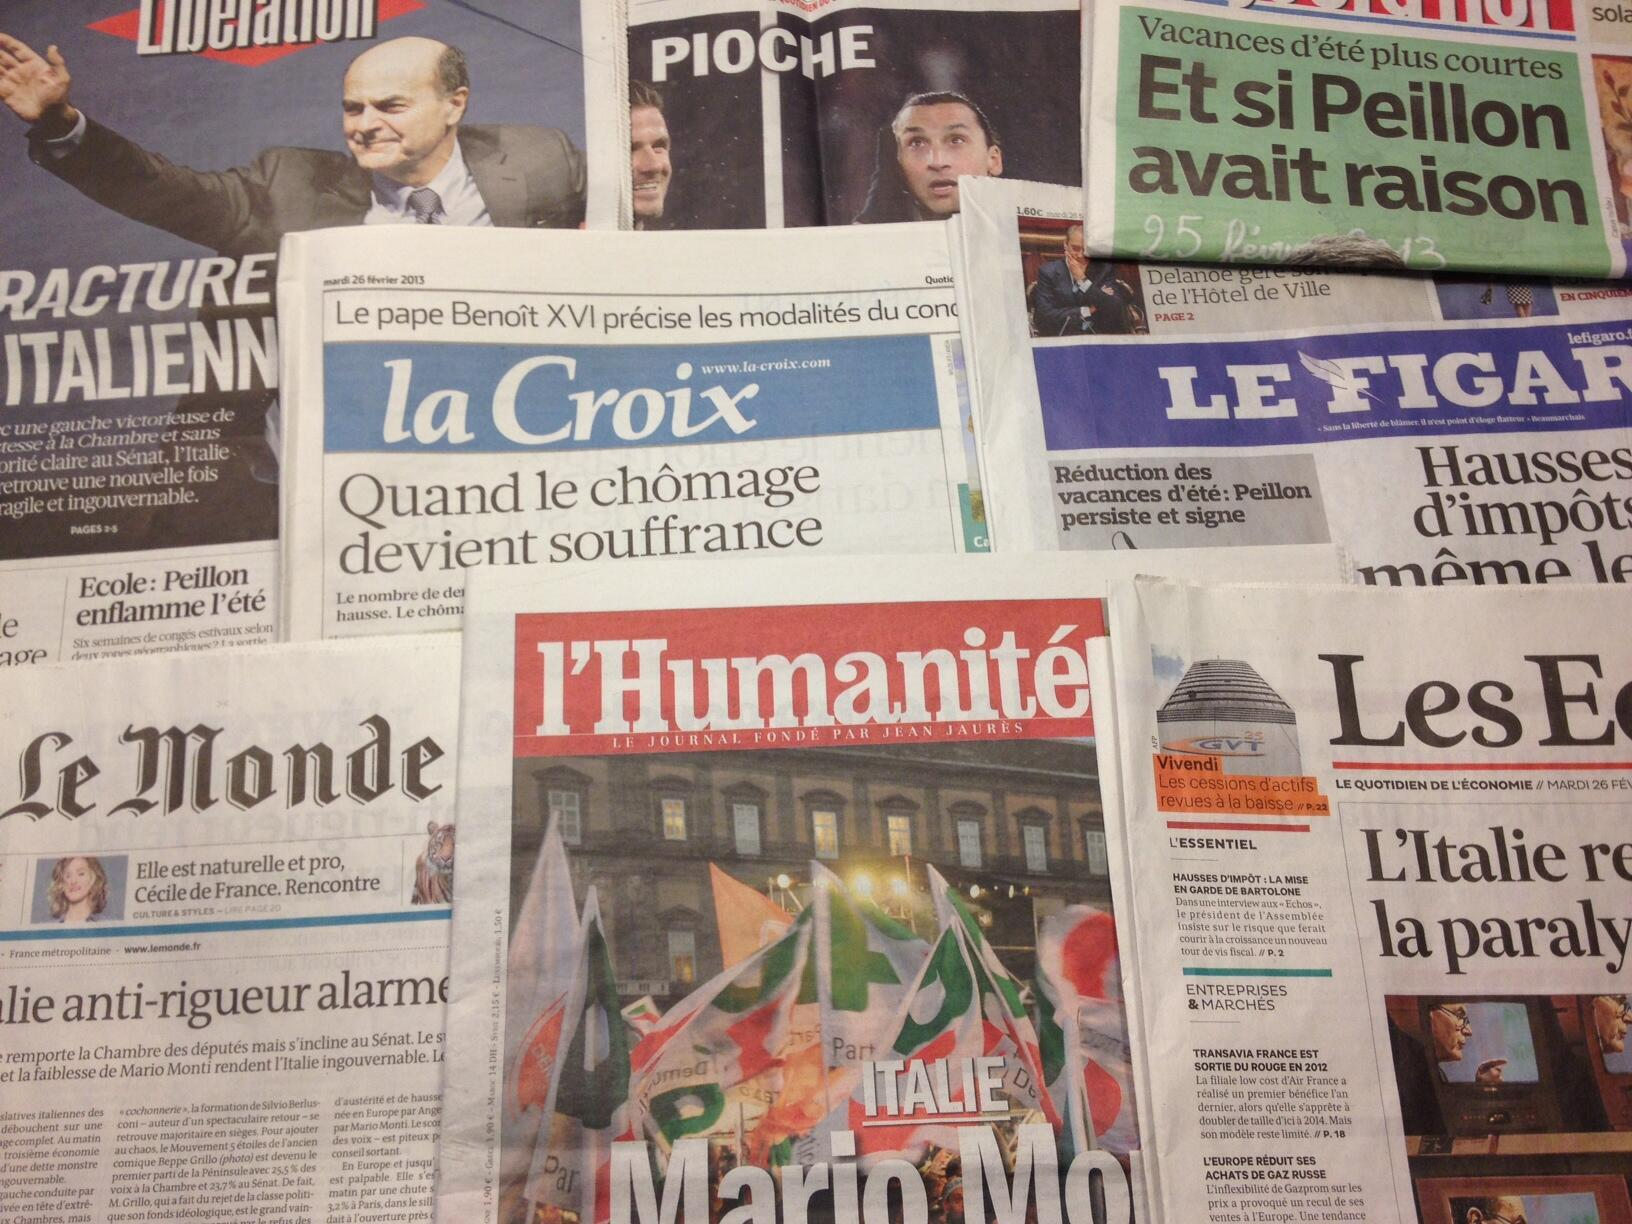 Primeiras páginas diários franceses 26/2/2013